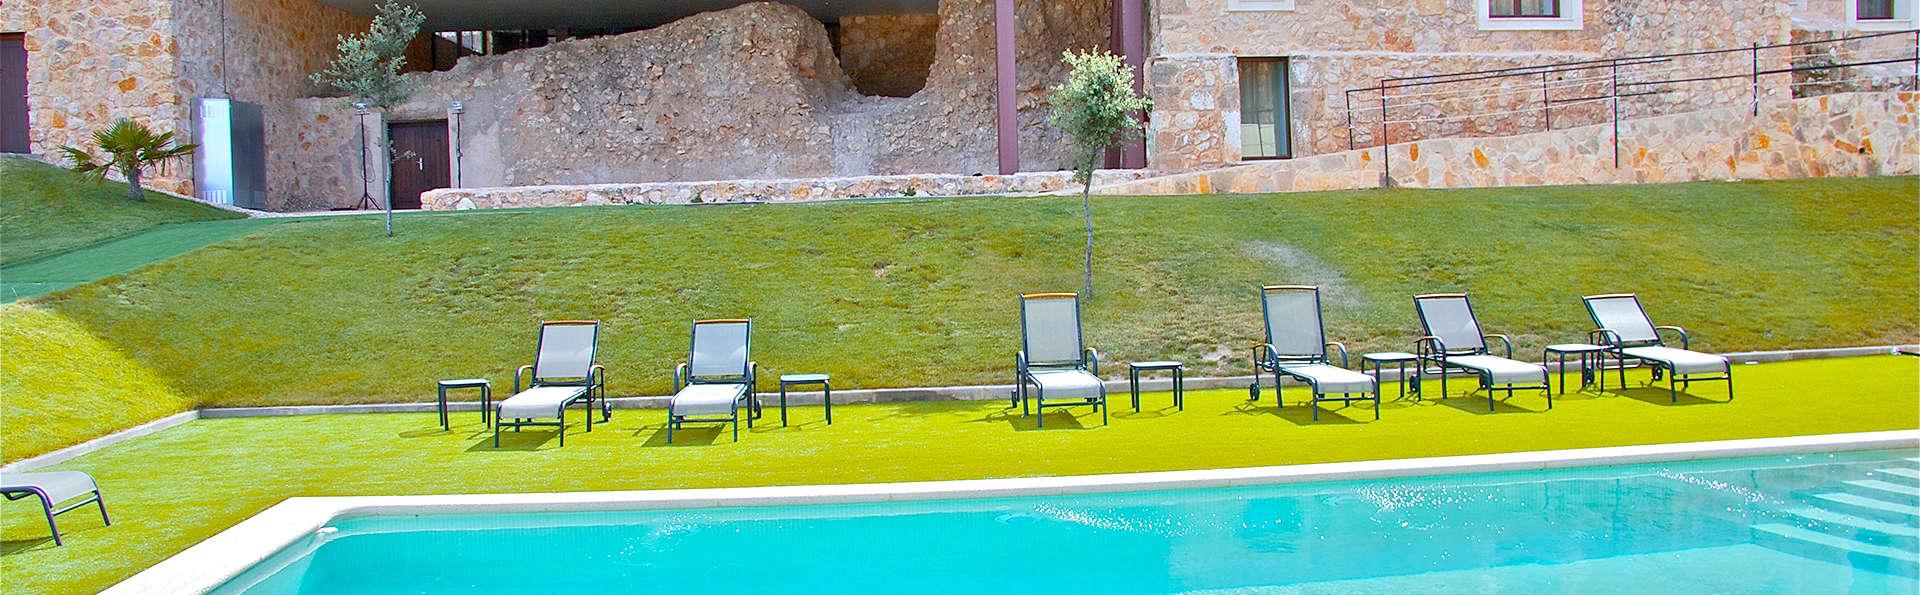 Escapada veraniega en un palacio, cóctel en la piscina y Castillo de Belmonte